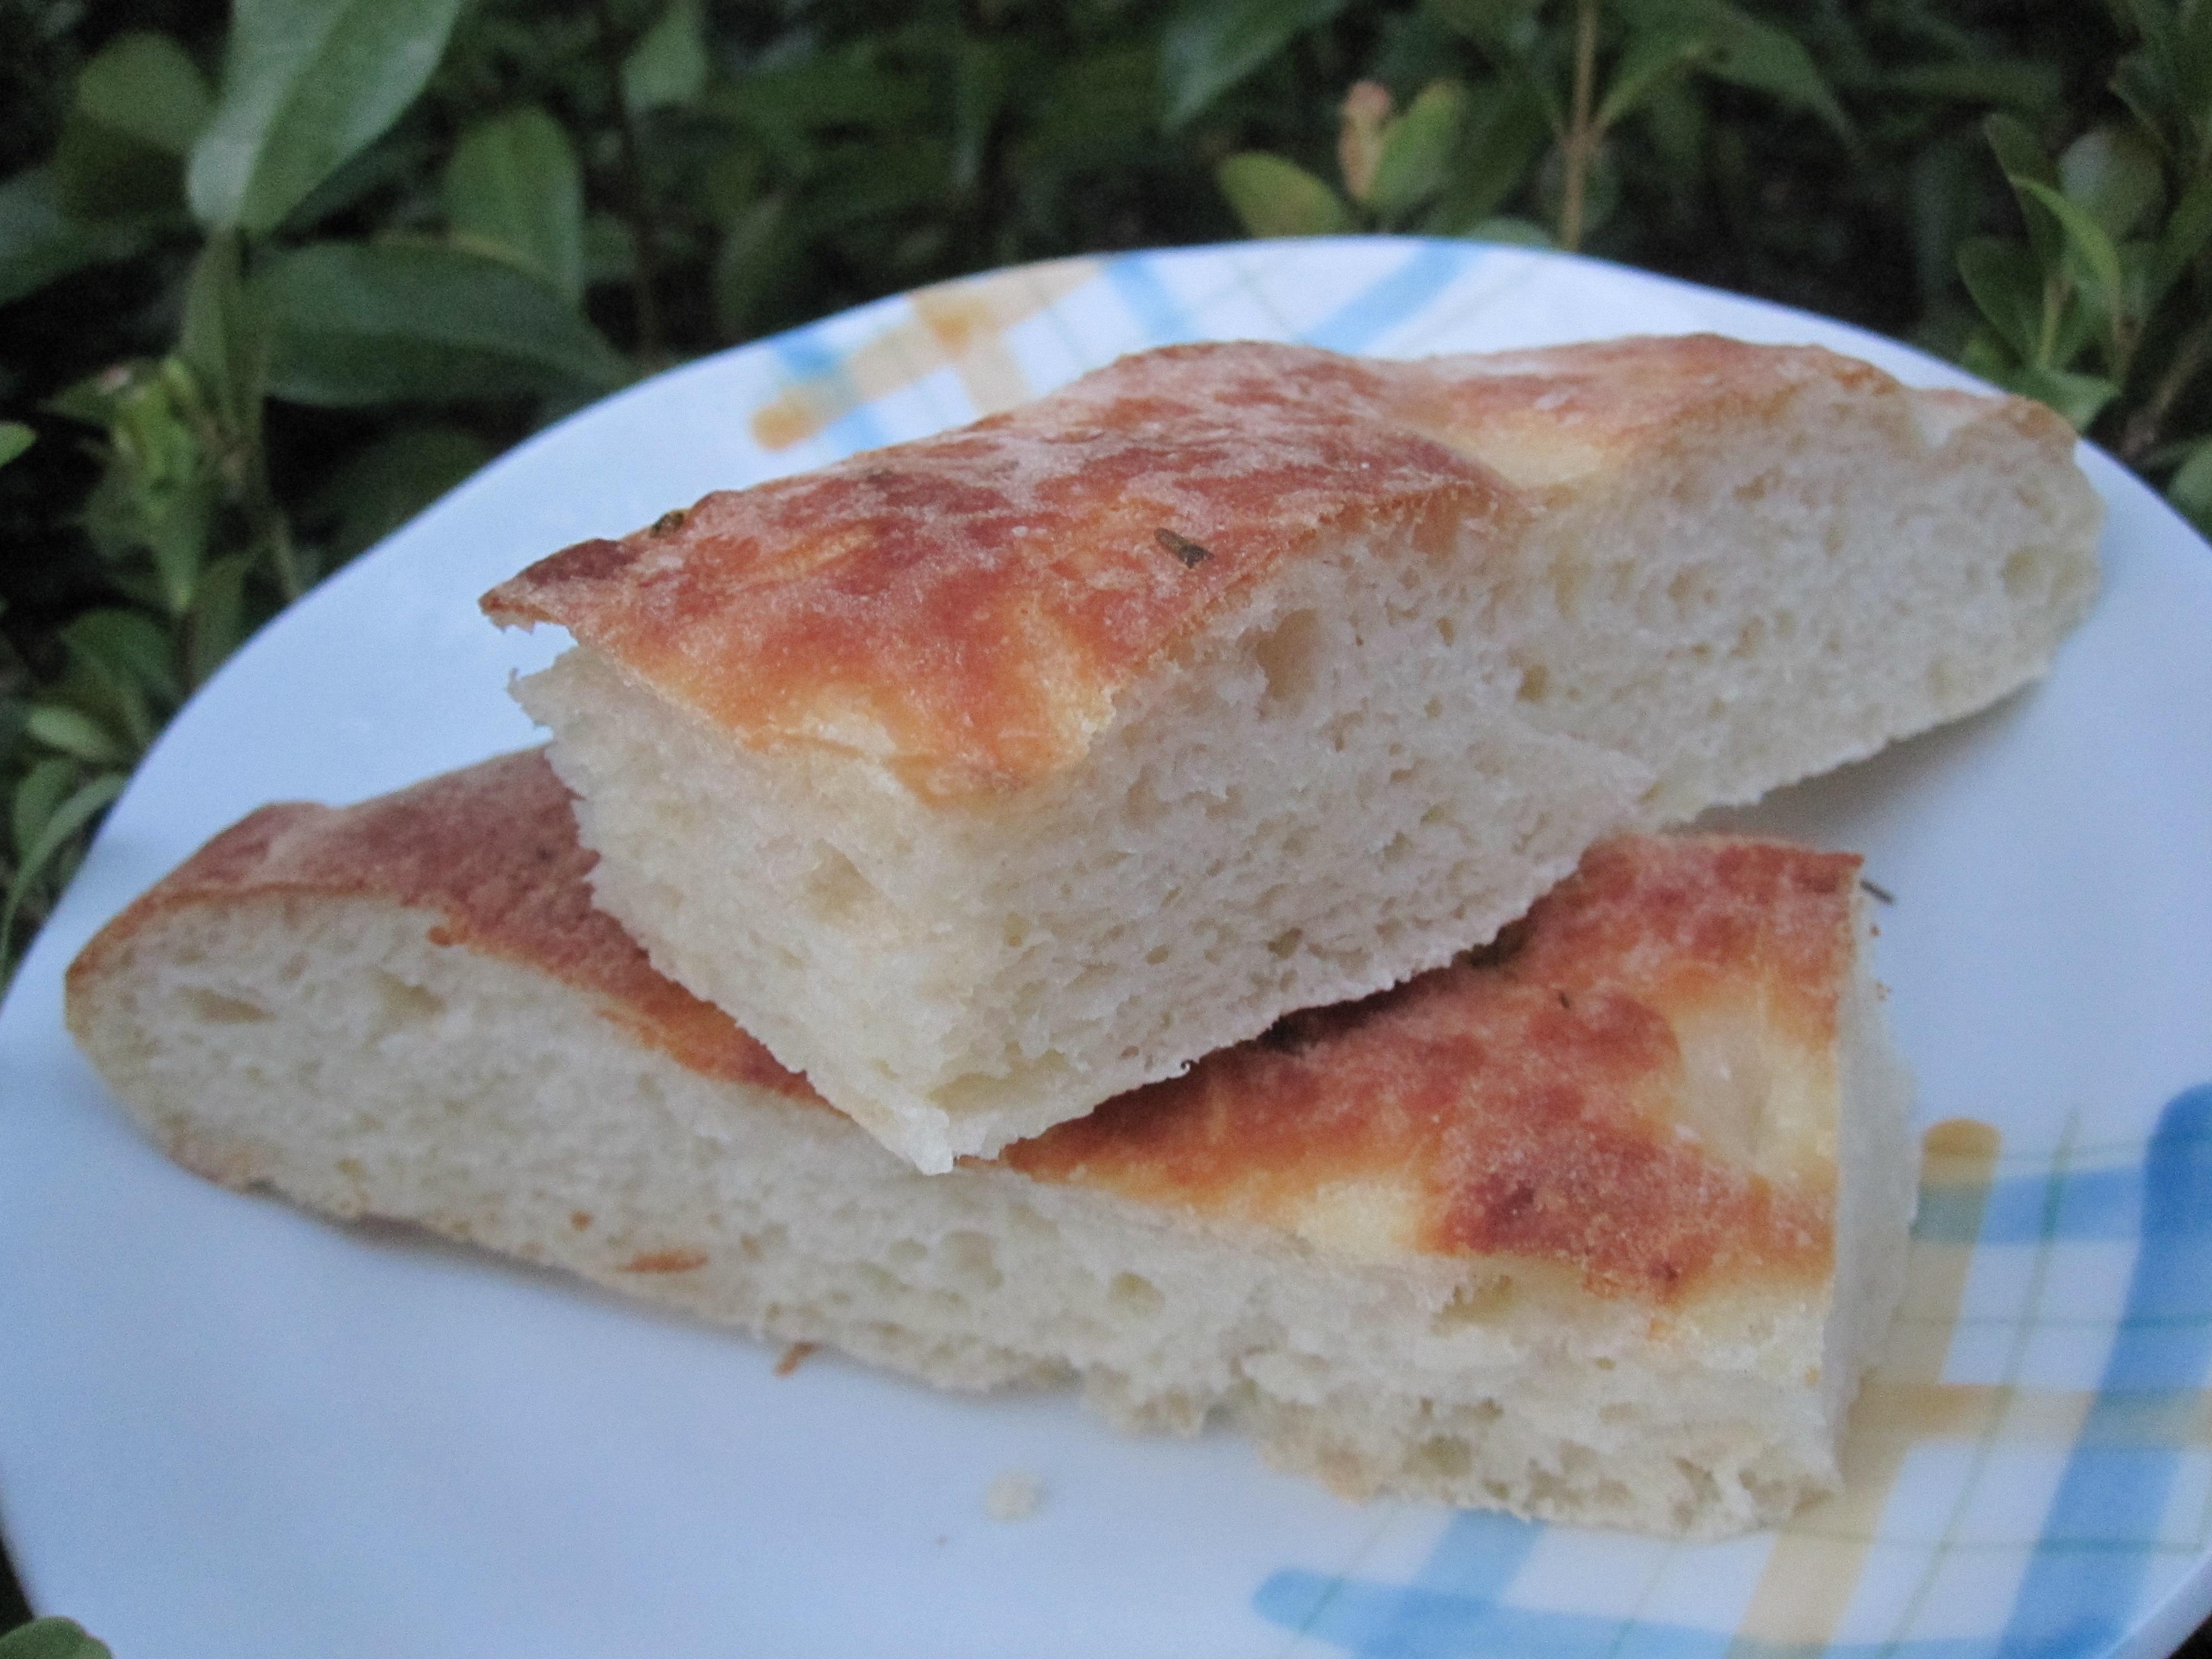 Picture of Flavorful Potato Focaccia Bread